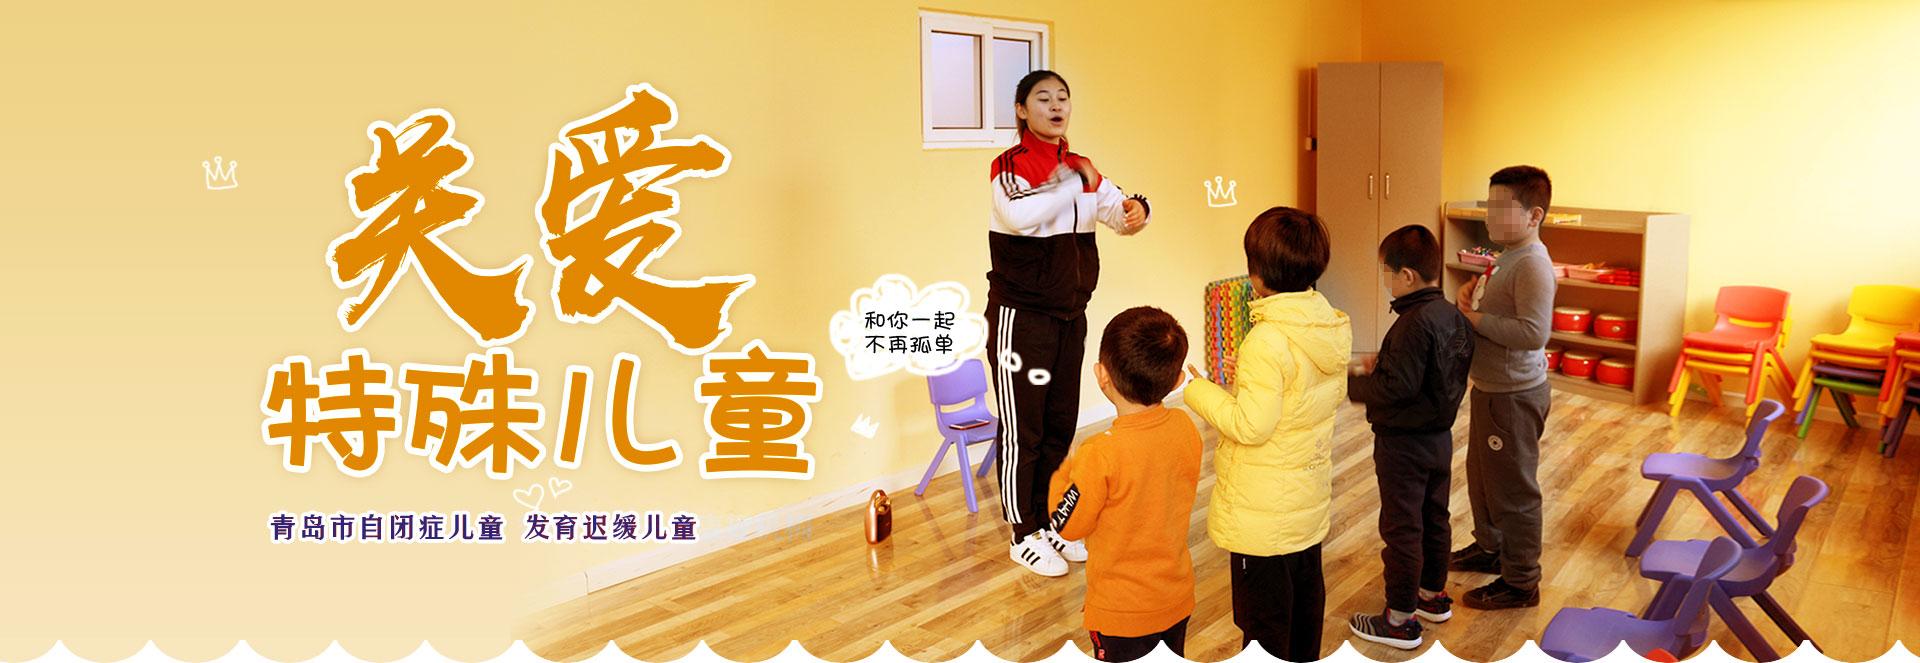 青岛自闭症学校